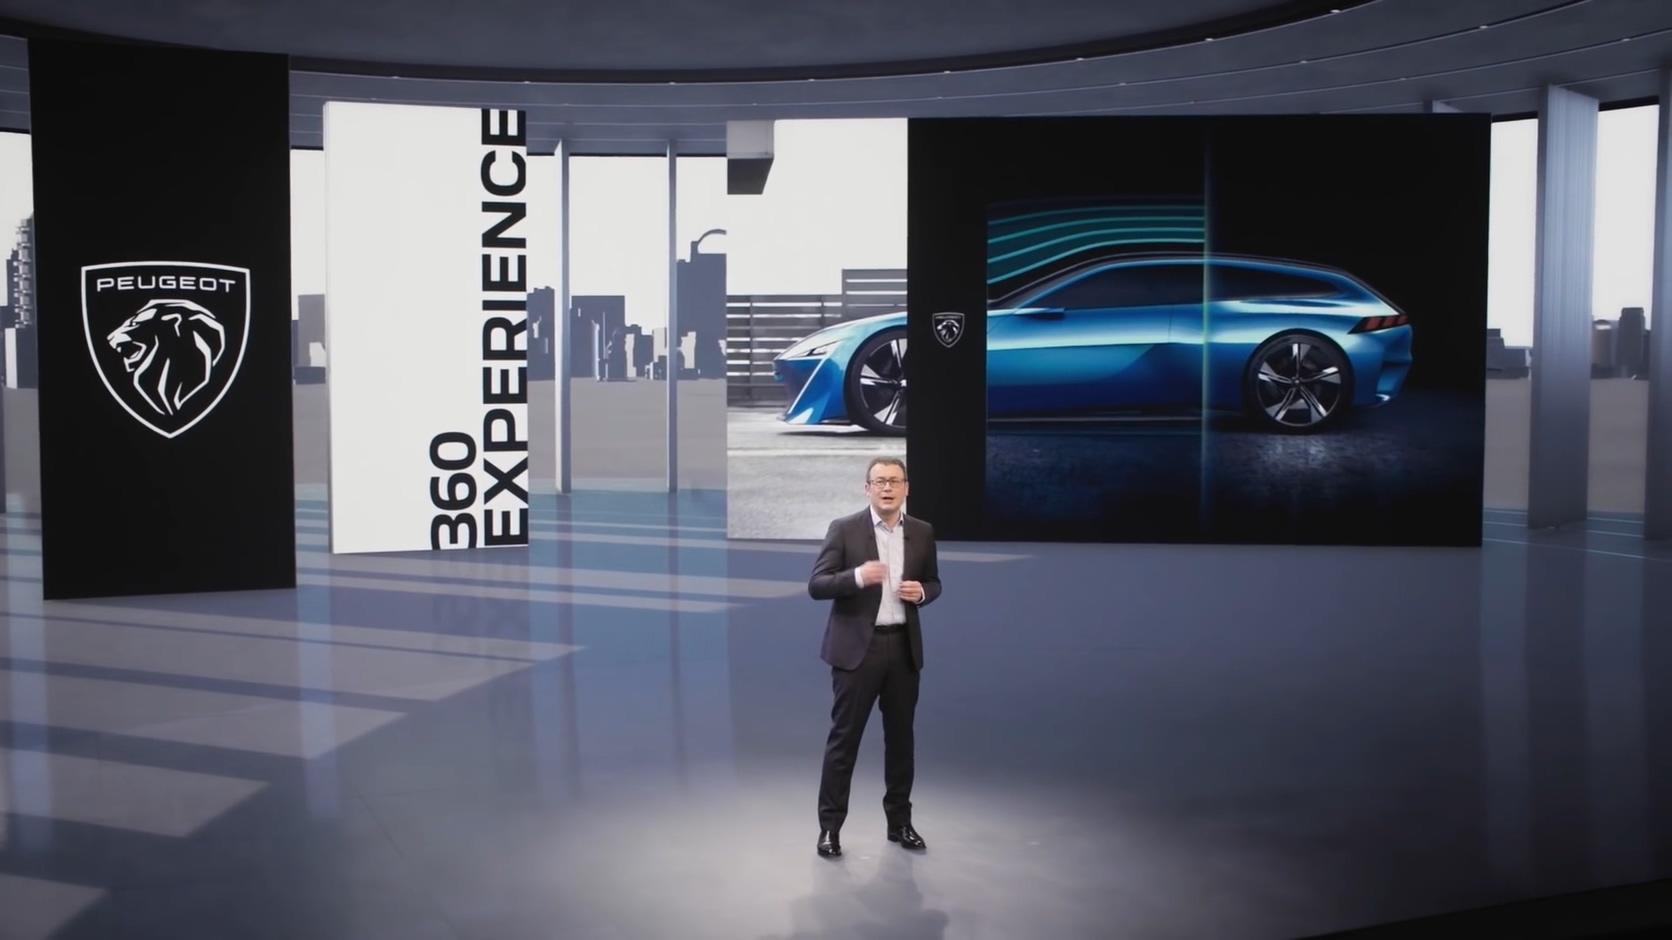 Präsentation der neuen Markenidentität (Screenshot: Peugeot)